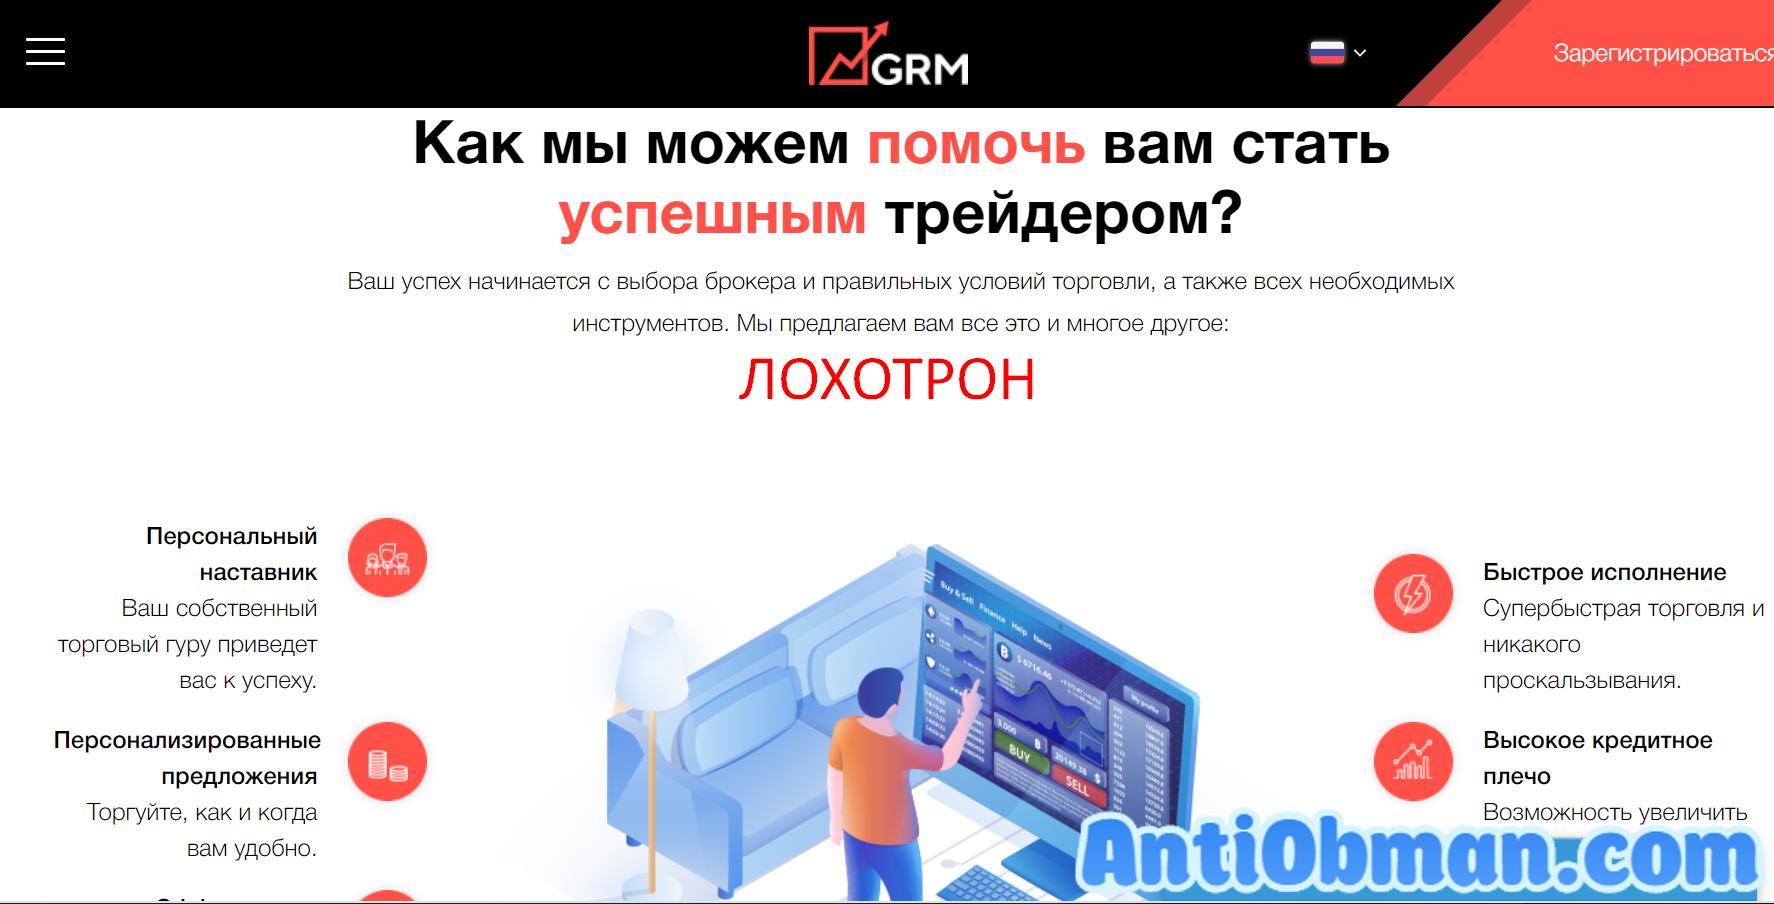 Брокер GRM (gorisemarkets.com) - отзывы и проверка. Развод?